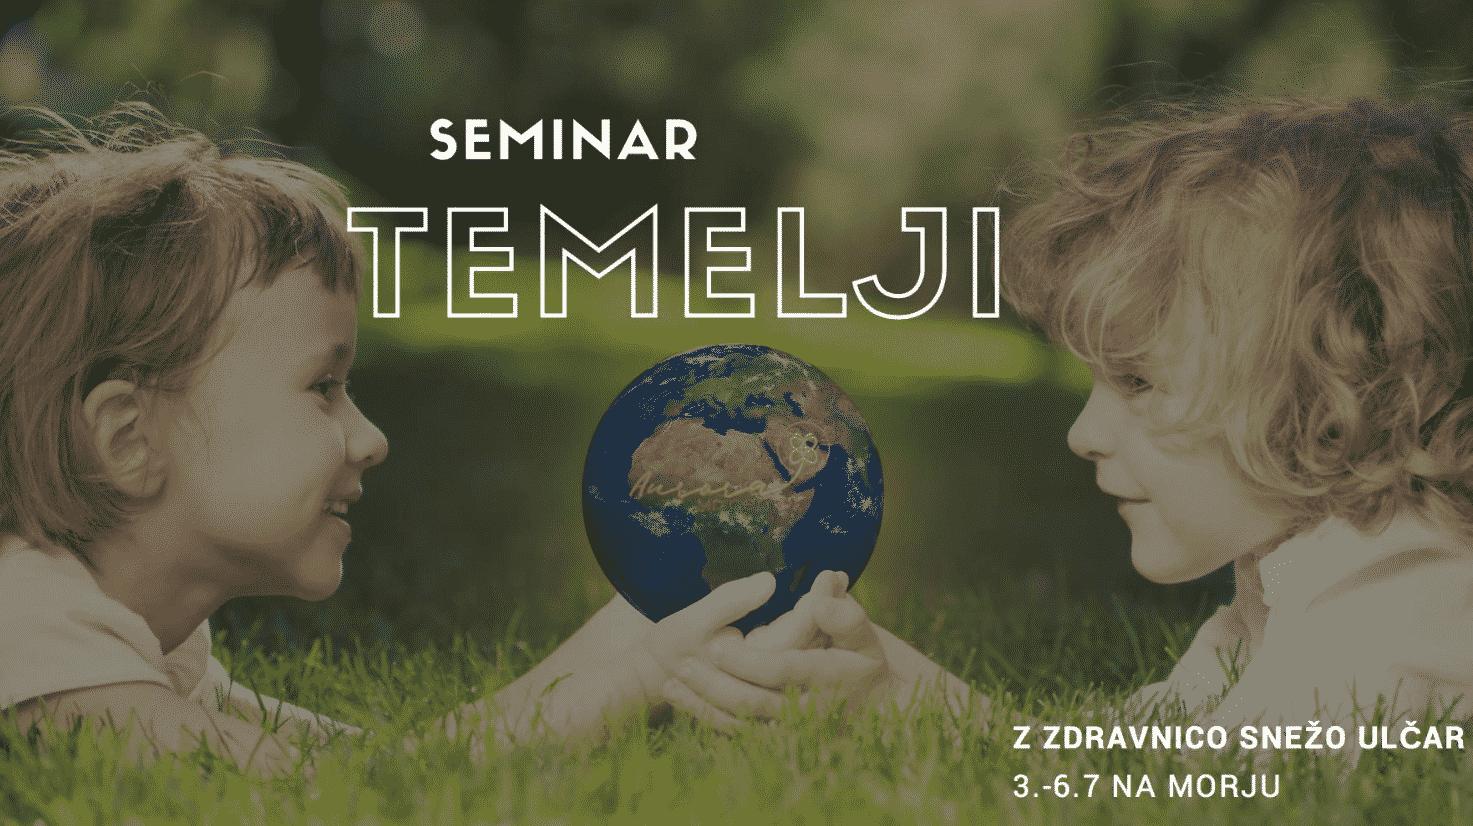 Seminar TEMELJI, 3. – 6. 7. 2018